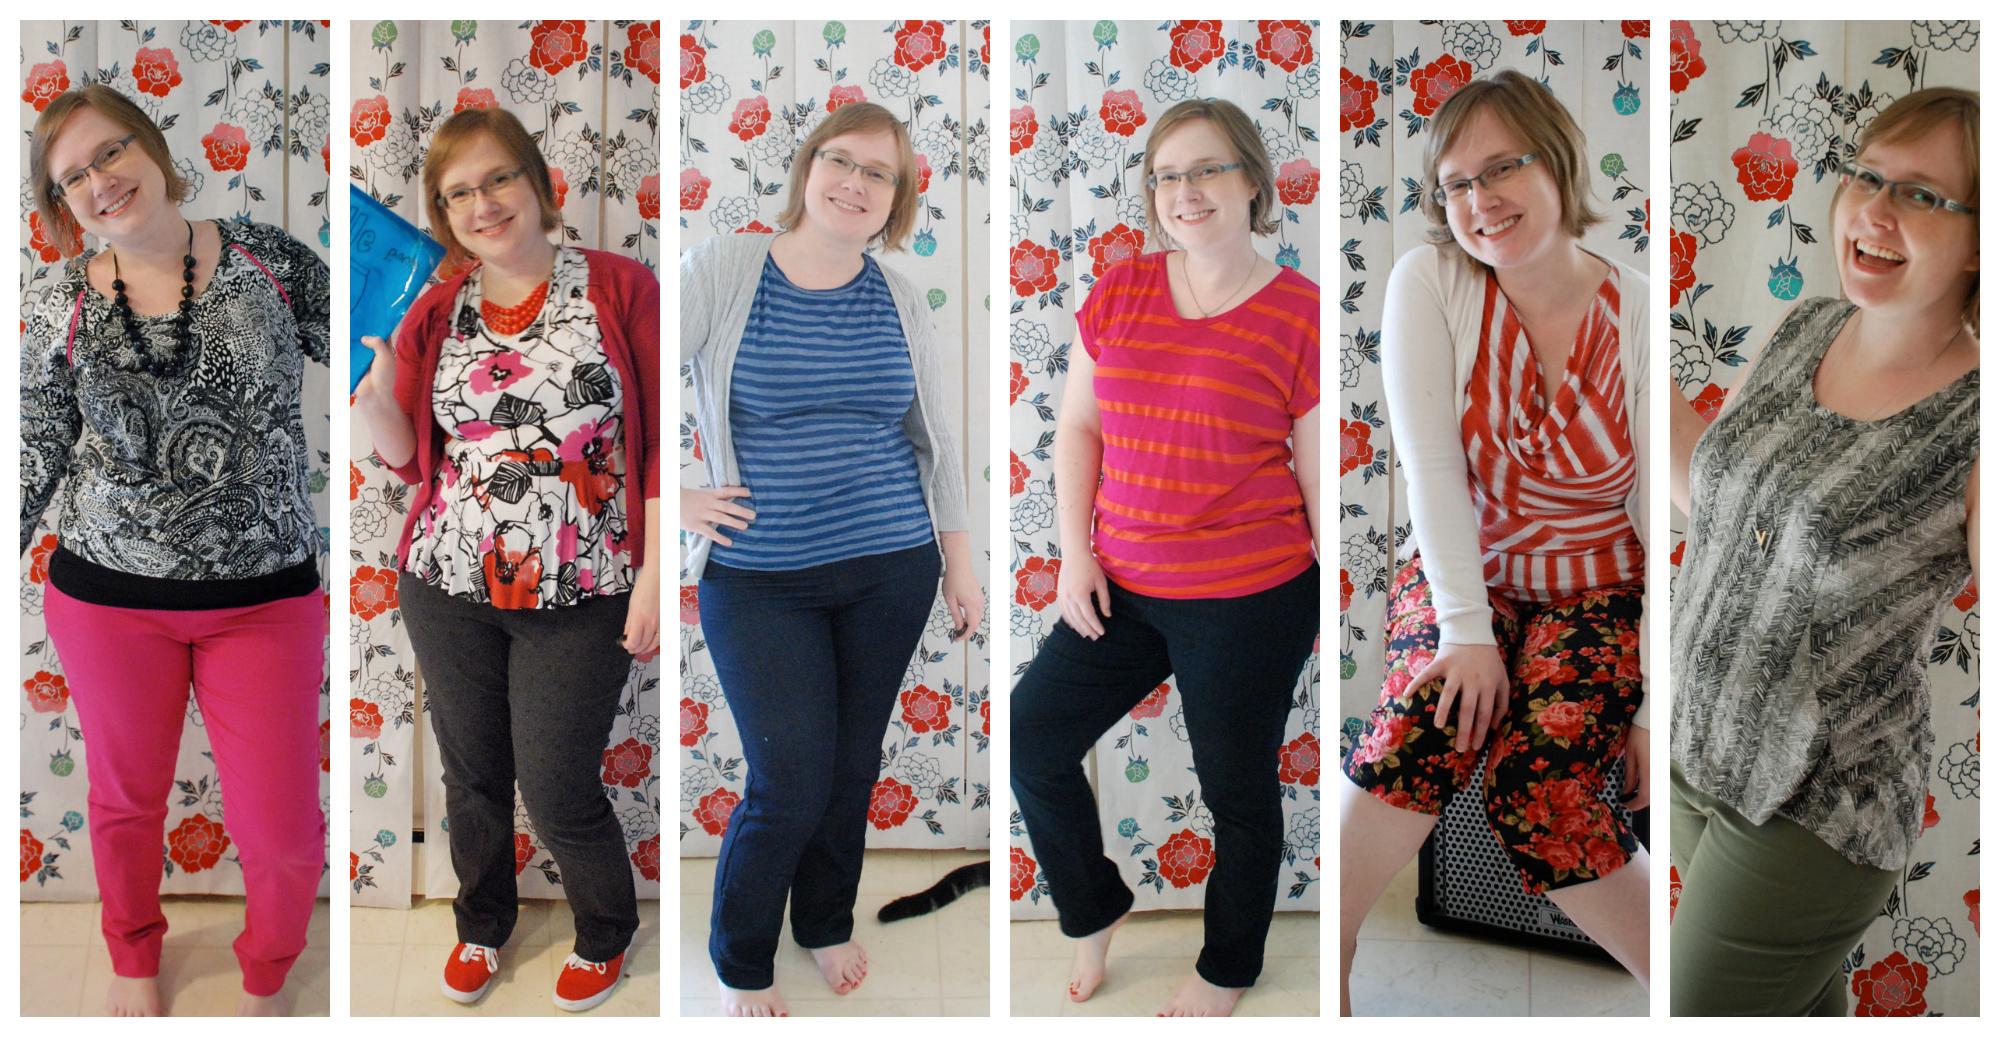 MMM Elle Pants Collage.jpg.jpg